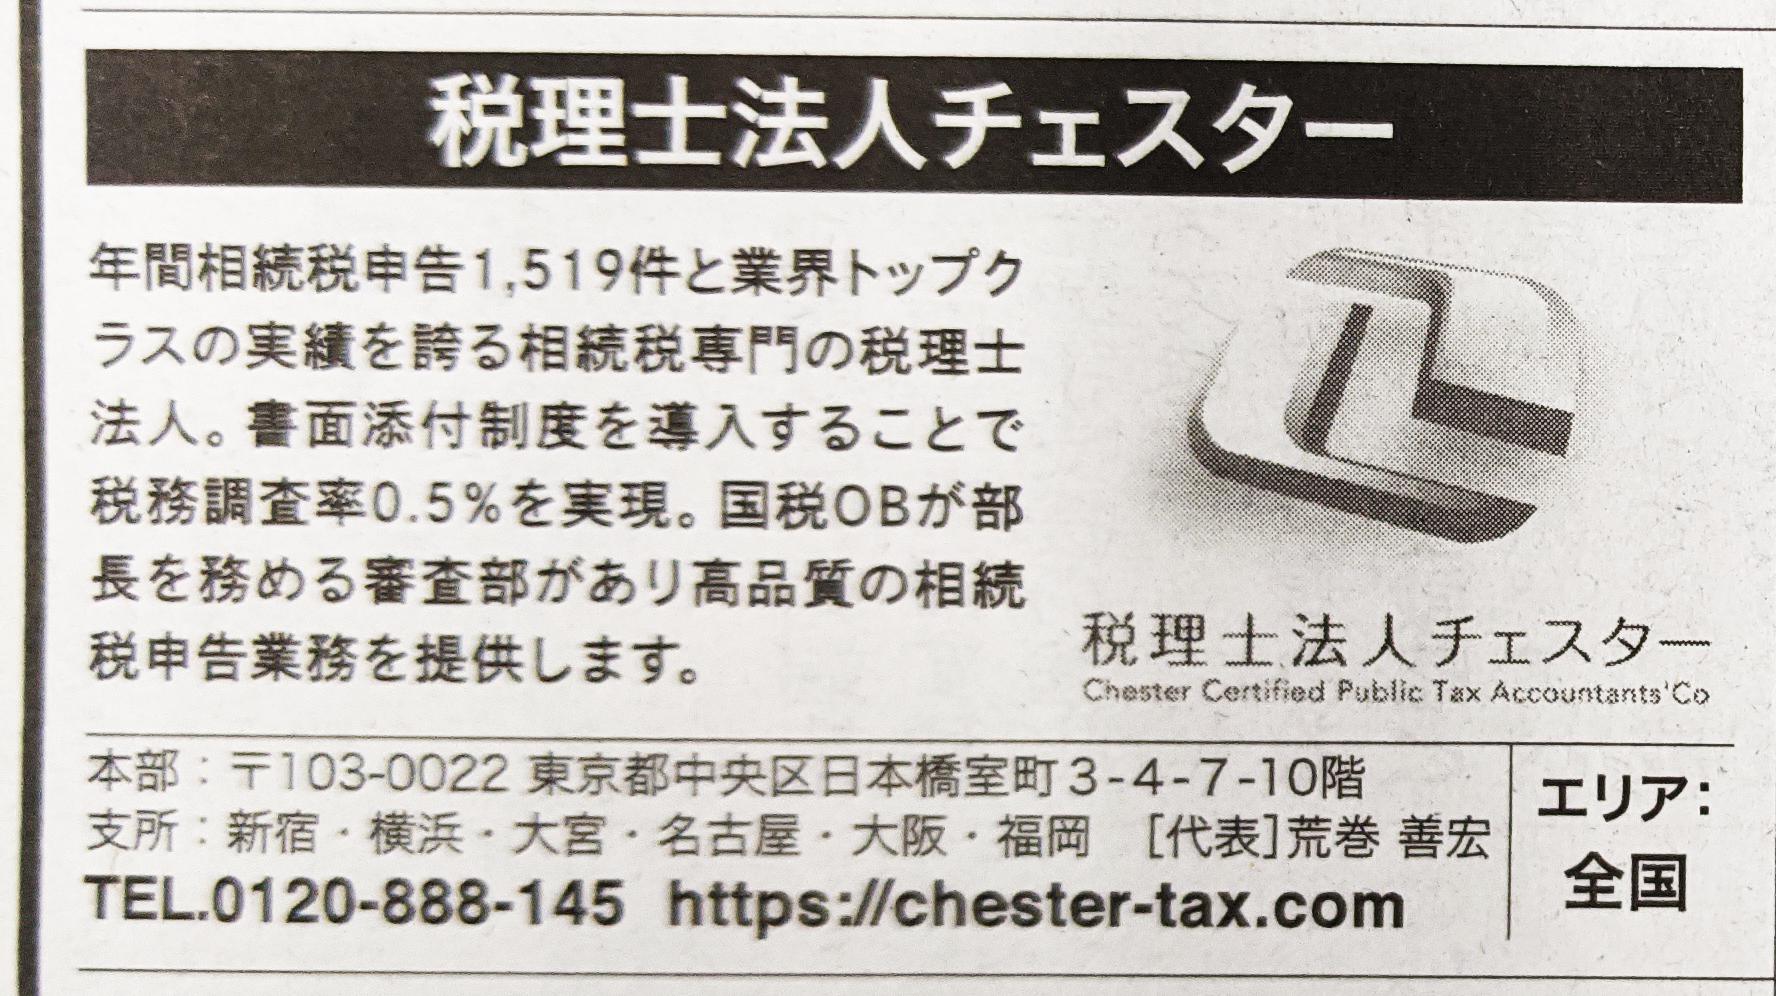 【新聞】日本経済新聞(9月30日付)に掲載されました。